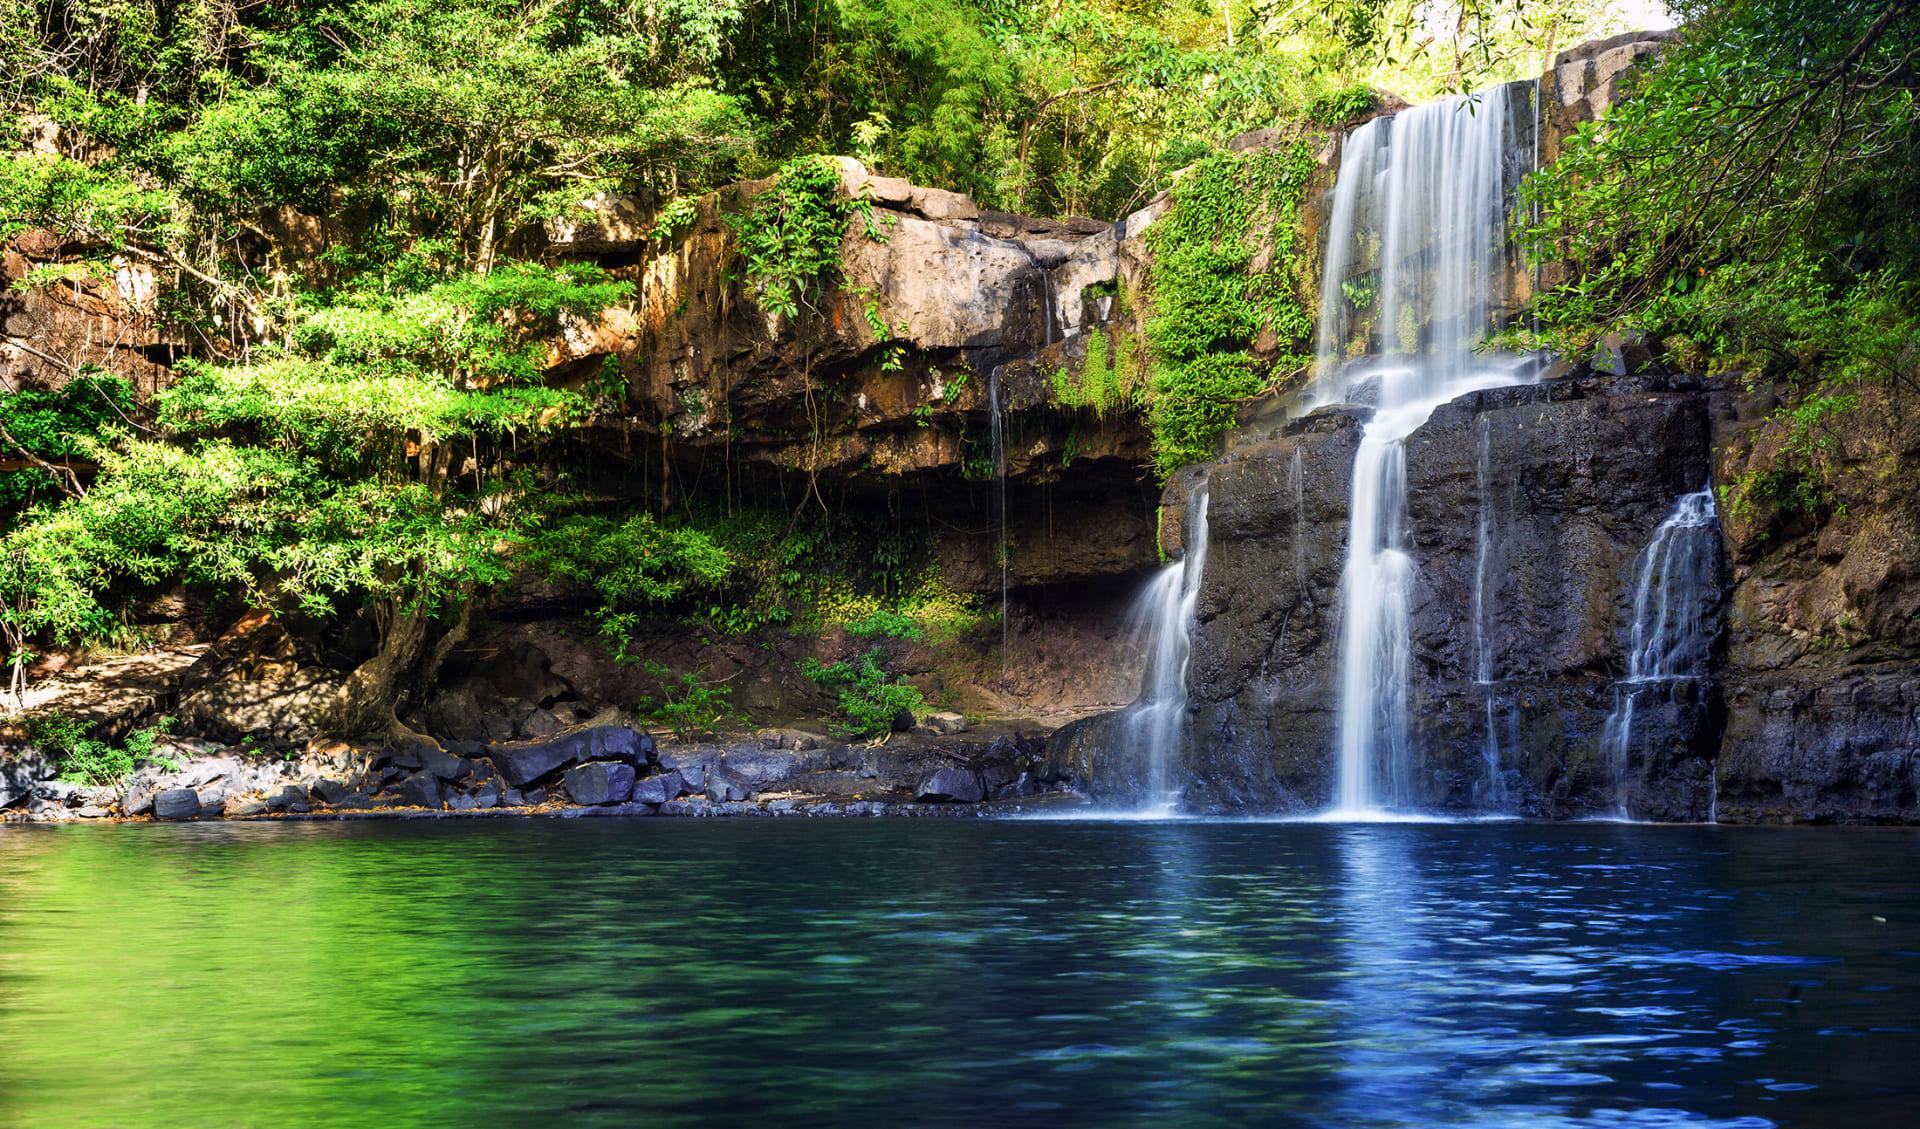 Wasserfall versteckt im tropischen Dschungel